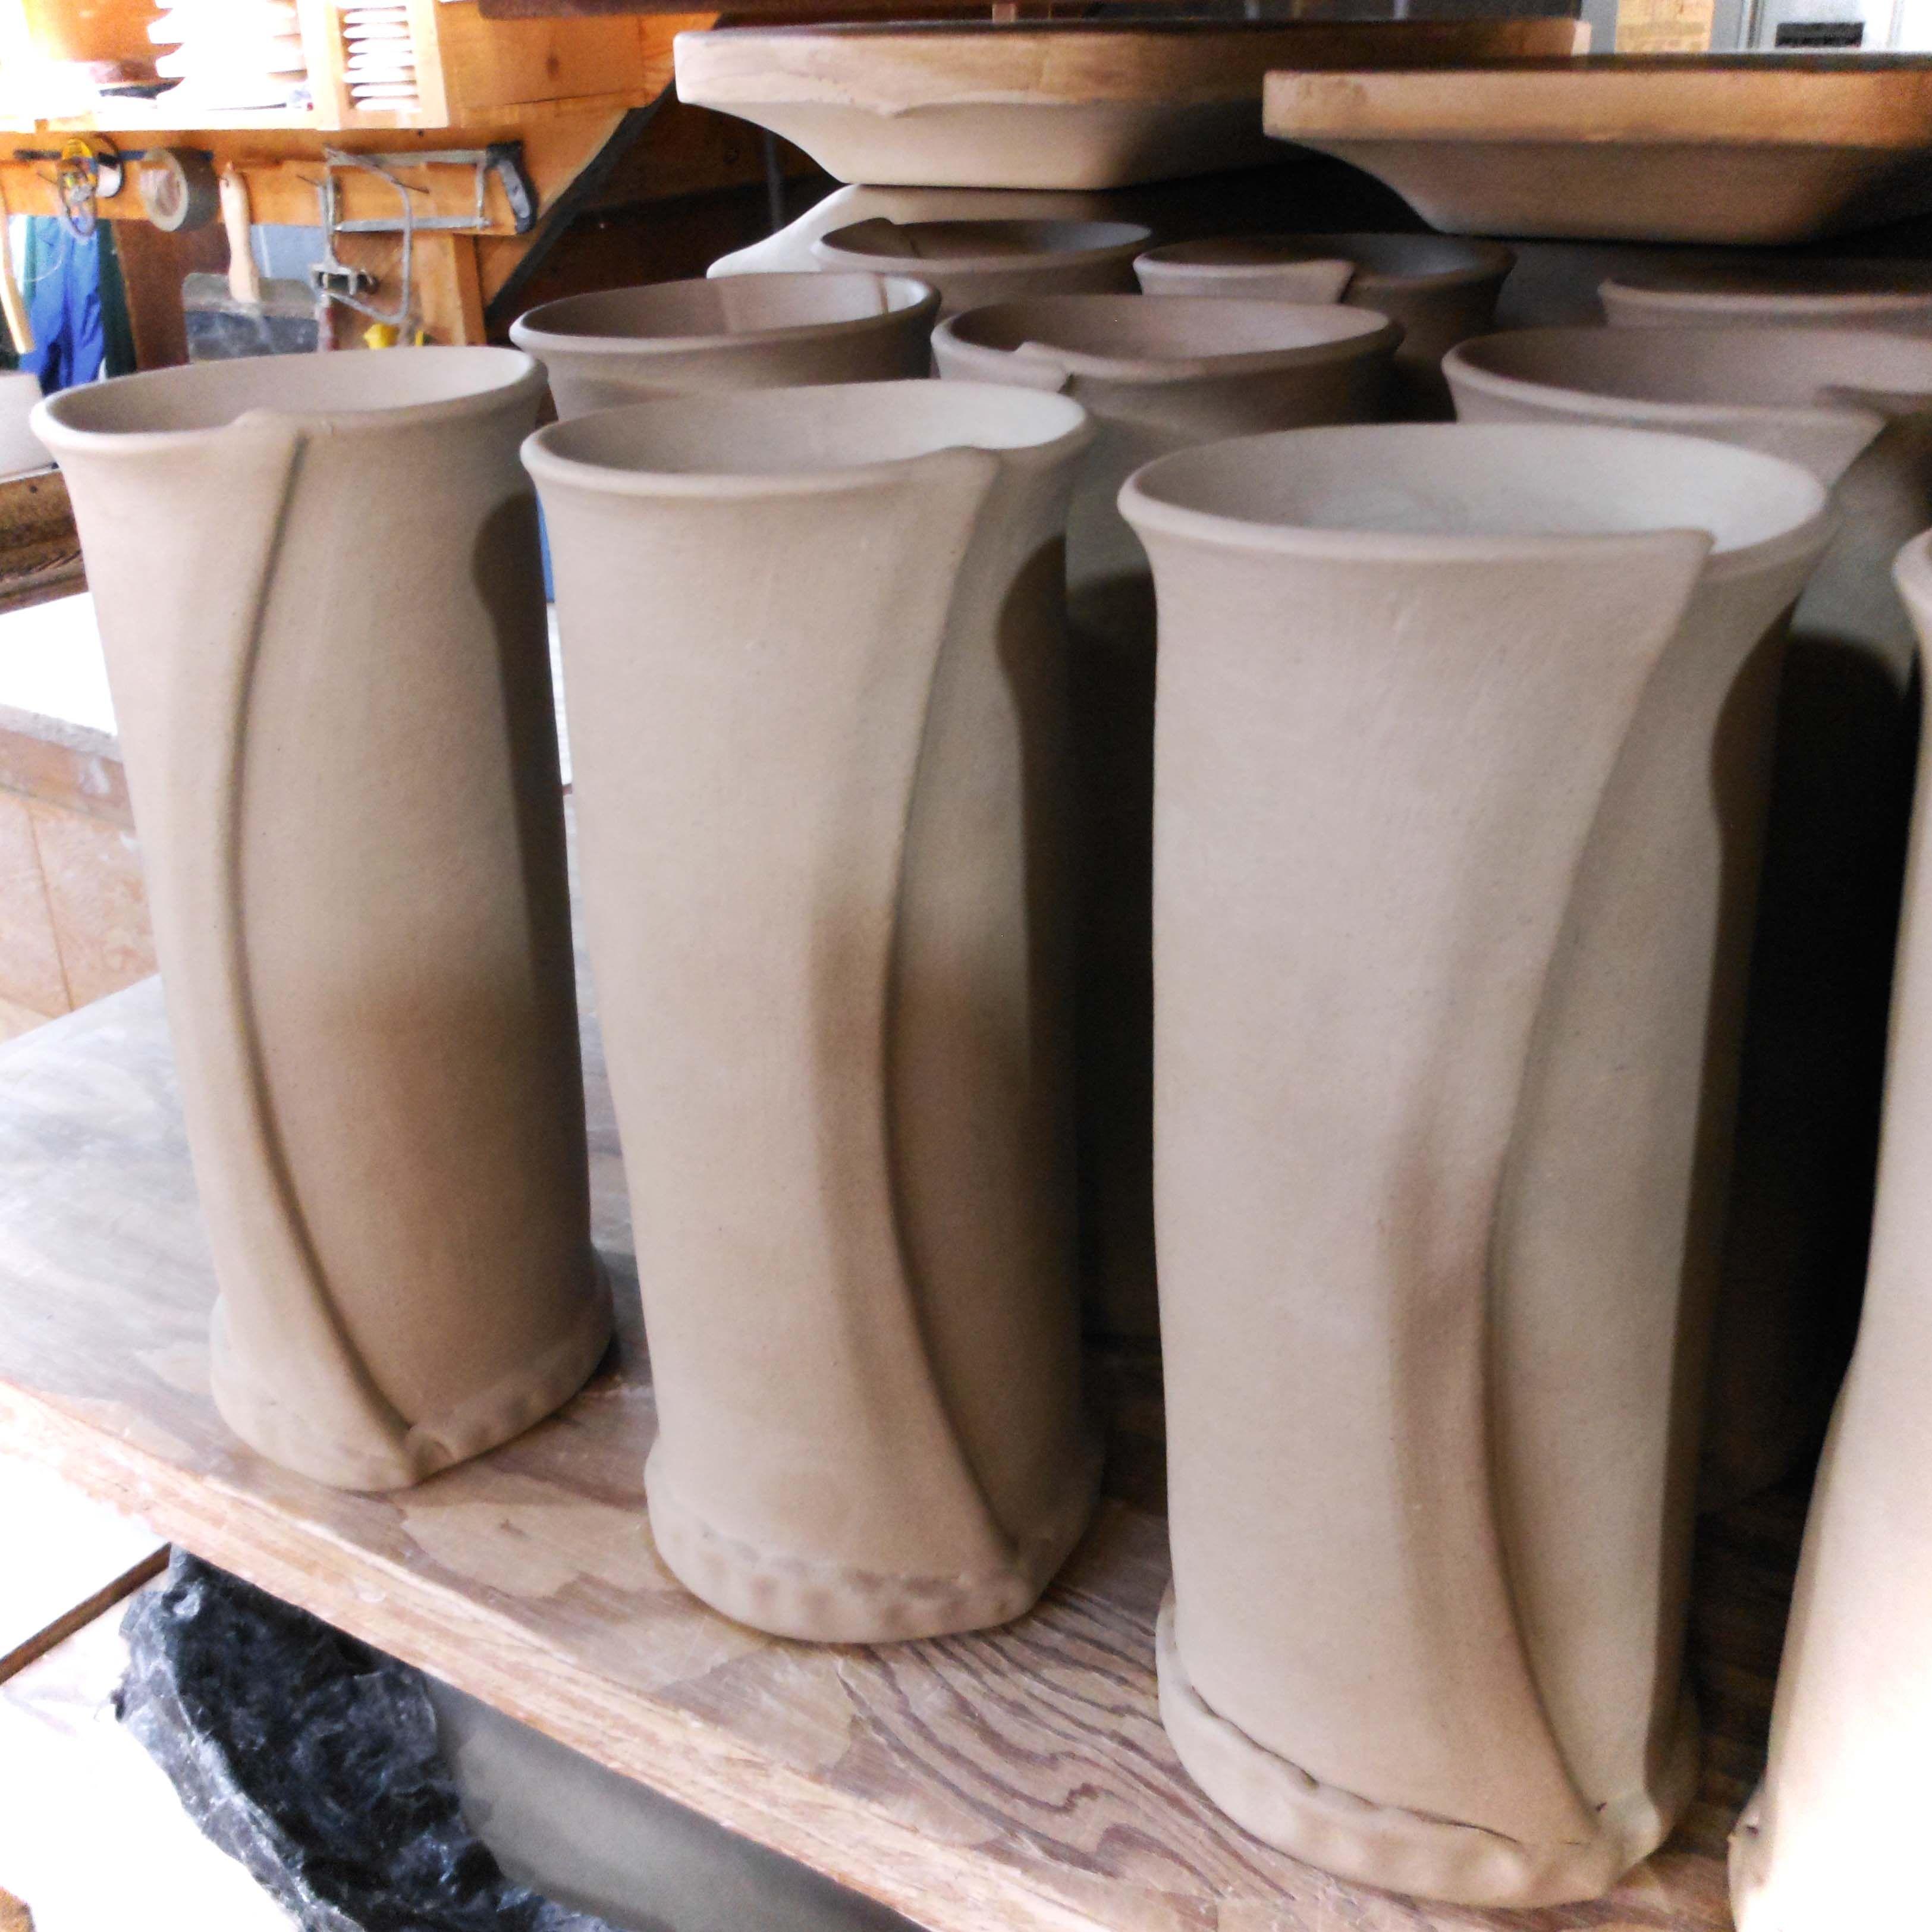 Slab built pottery google search pottery handbuilt slab built pottery google search reviewsmspy